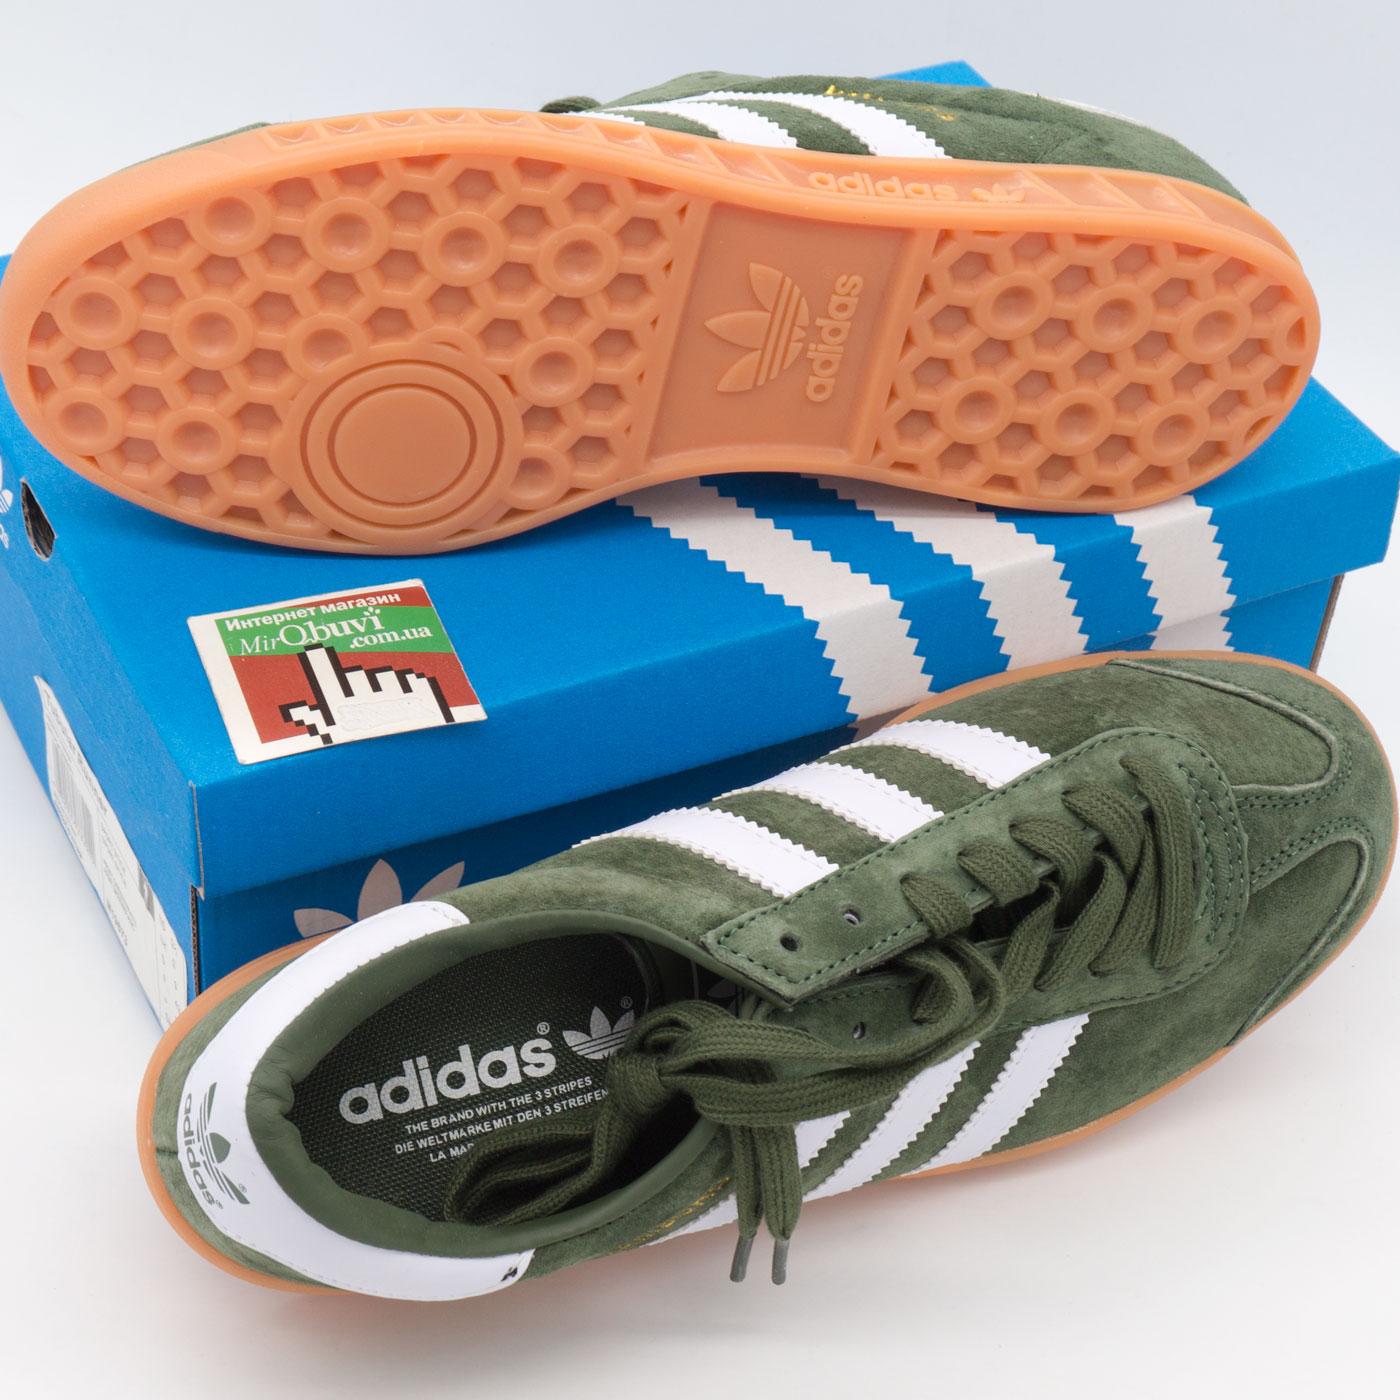 фото bottom Кроссовки Adidas Hamburg зеленые - Натуральная замша - Топ качество! bottom